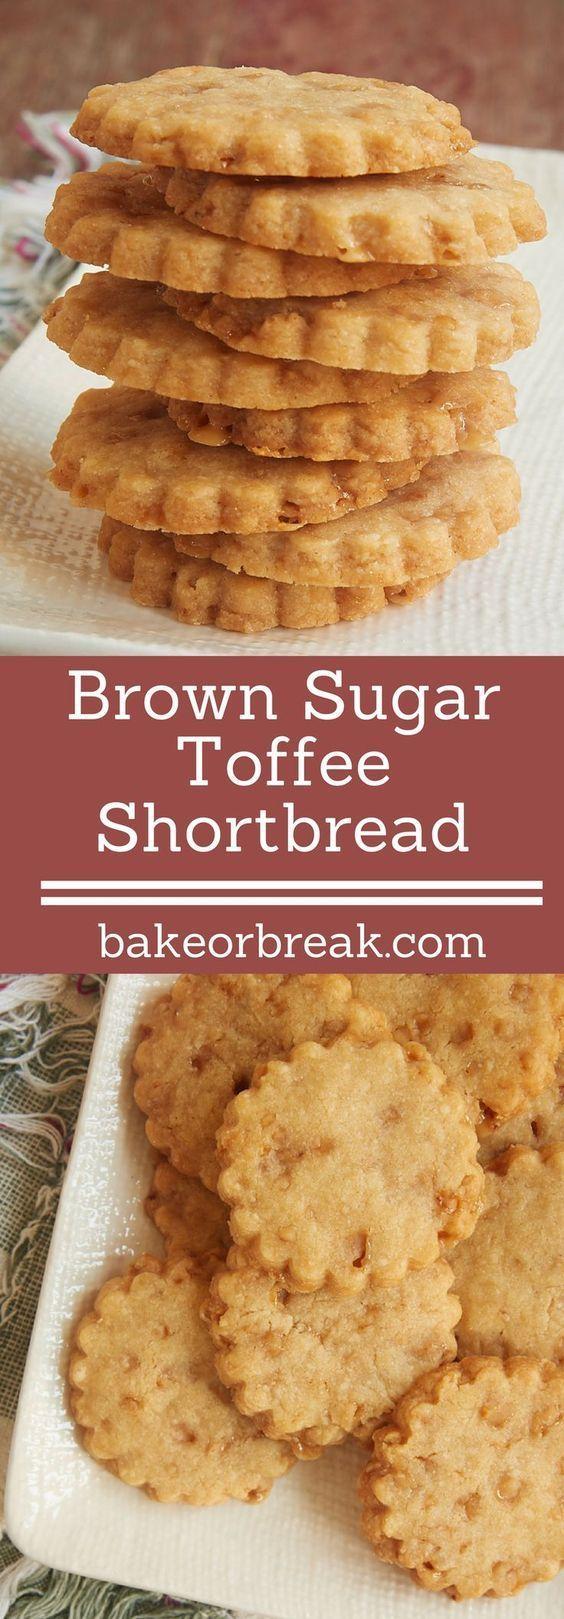 Brown Sugar Toffee Shortbread